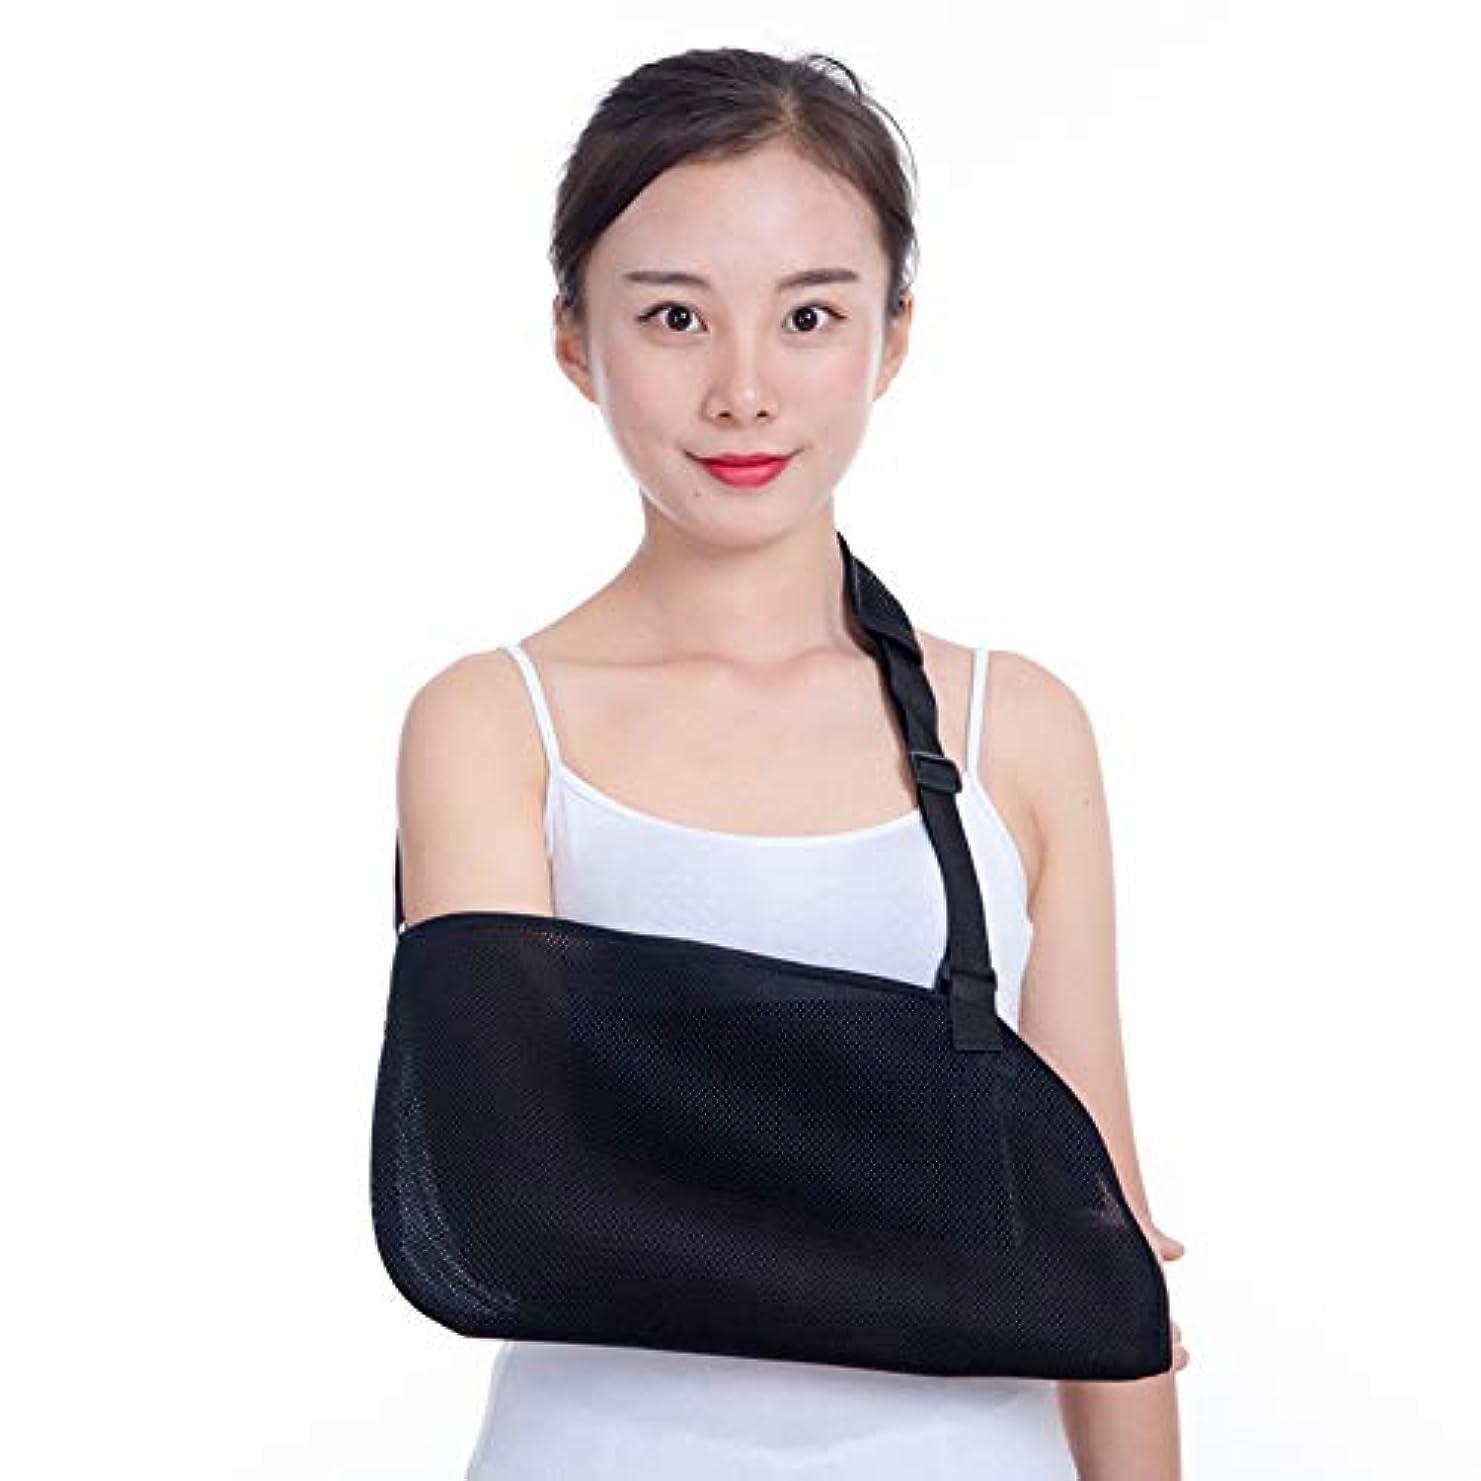 締め切り沈黙電極メッシュアームサポートスリング、ショルダーイモビライザーブレース、通気性と軽量、肩、腕、肘、回旋腱板の痛みを完全に調整可能